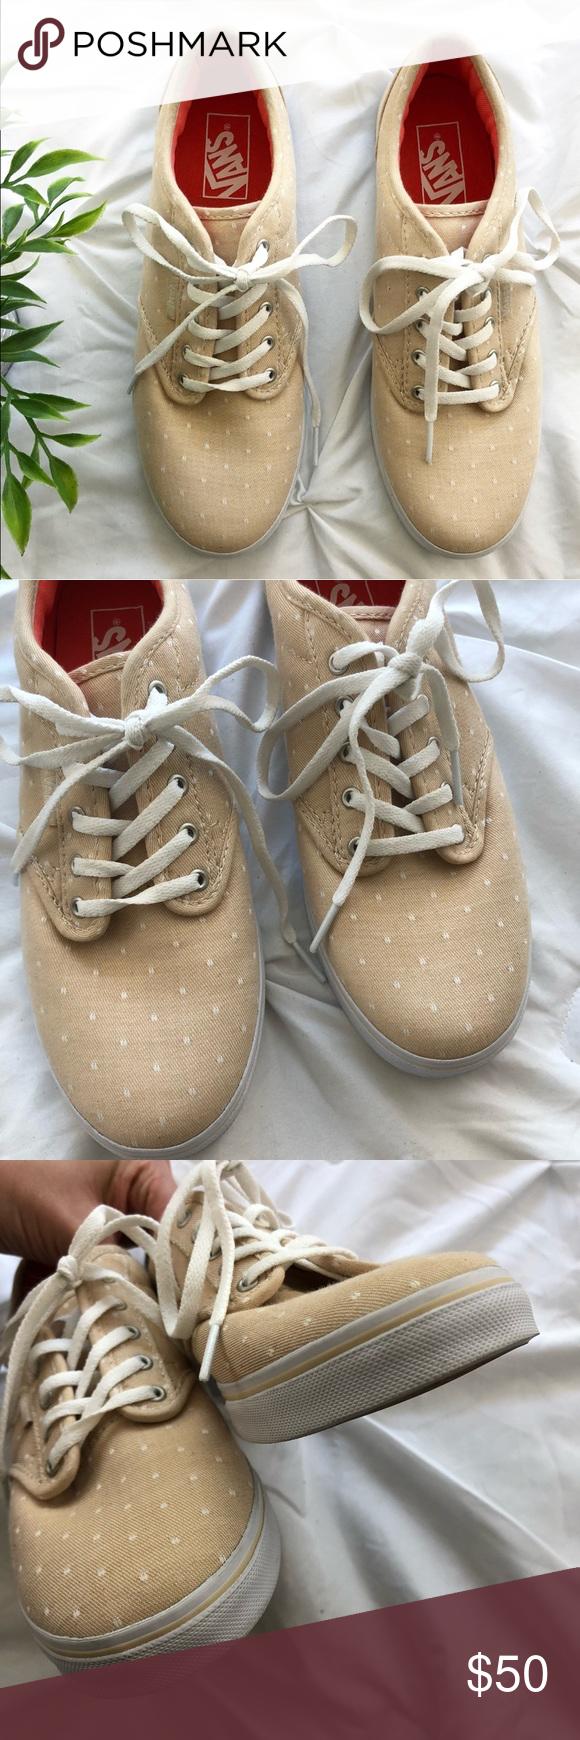 New Vans Polka Dot Beige Tennis Shoes Sneakers   Tennis shoes ...